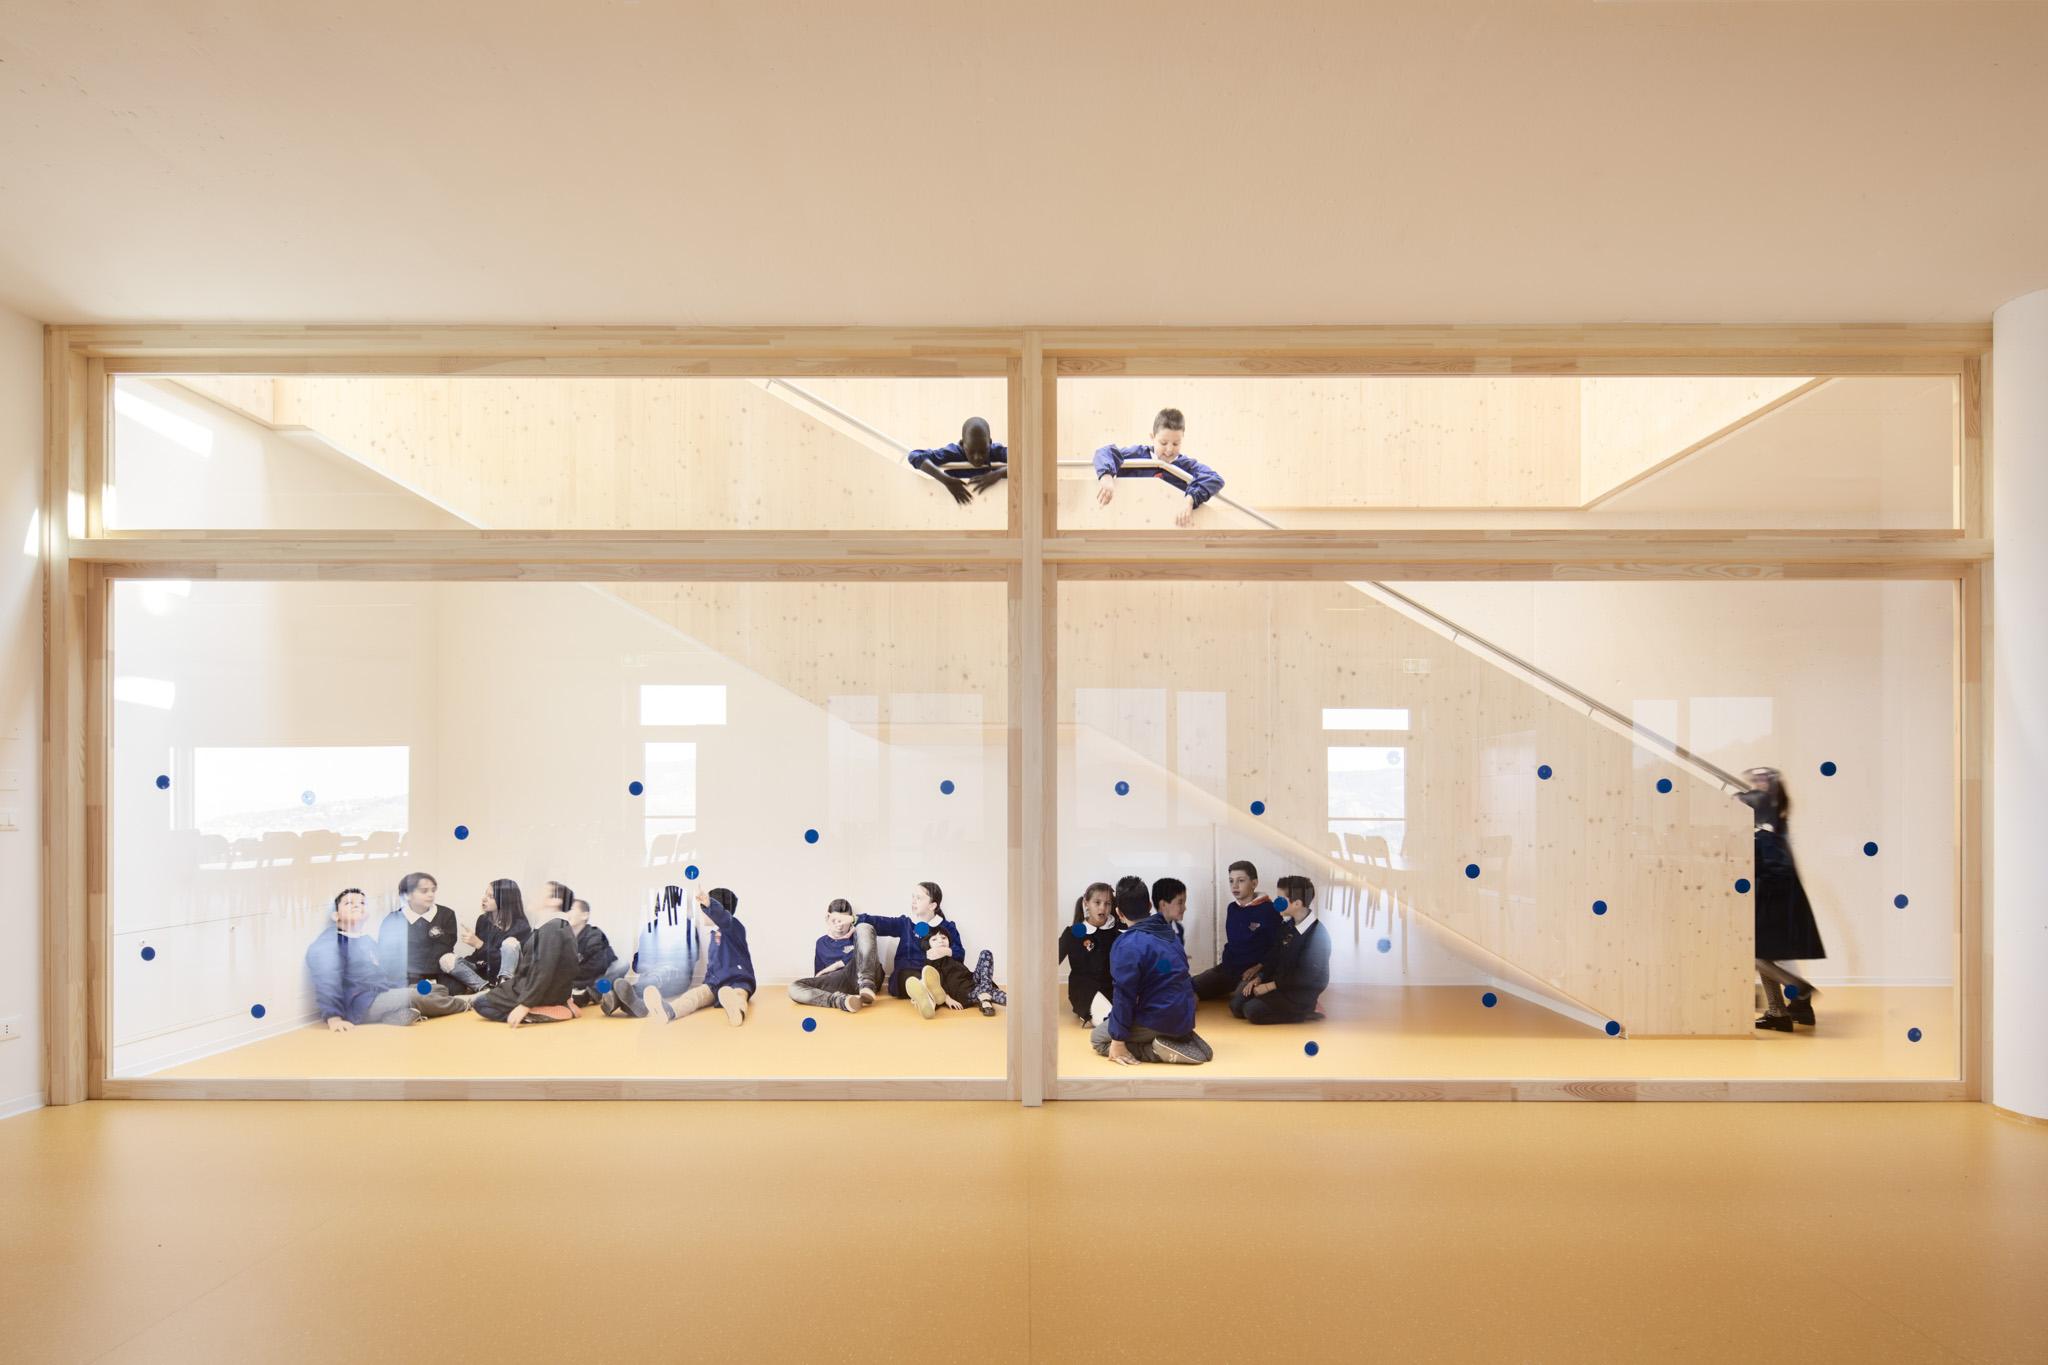 SCUOLA PRIMARIA LOIANO - Contini Architettura - Davide Galli Atelier Fotografo di Architettura e Interni Milano